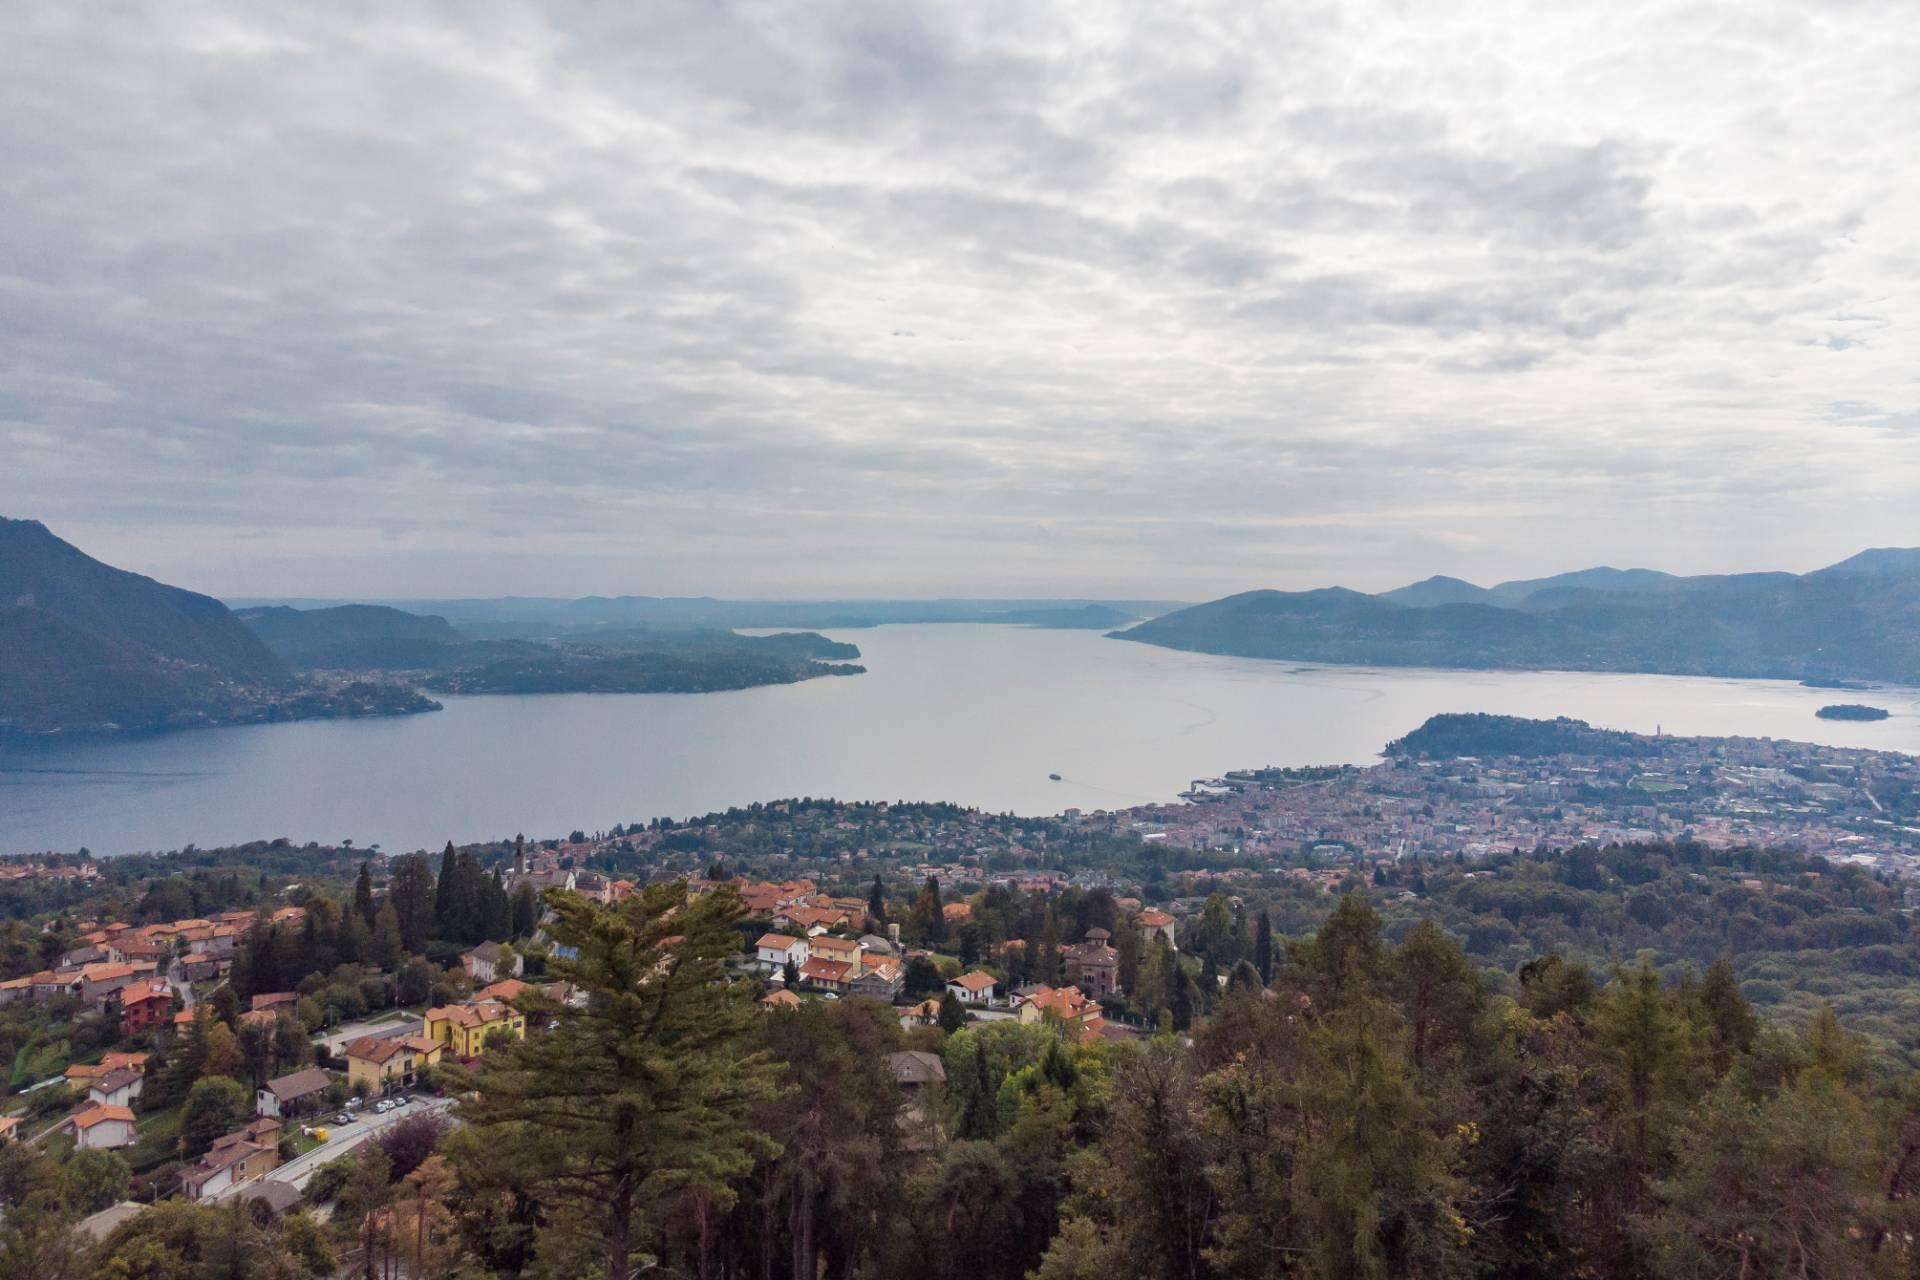 Villa unifamiliare nella zona collinare di Verbania con vista magnifica sul lago - 7